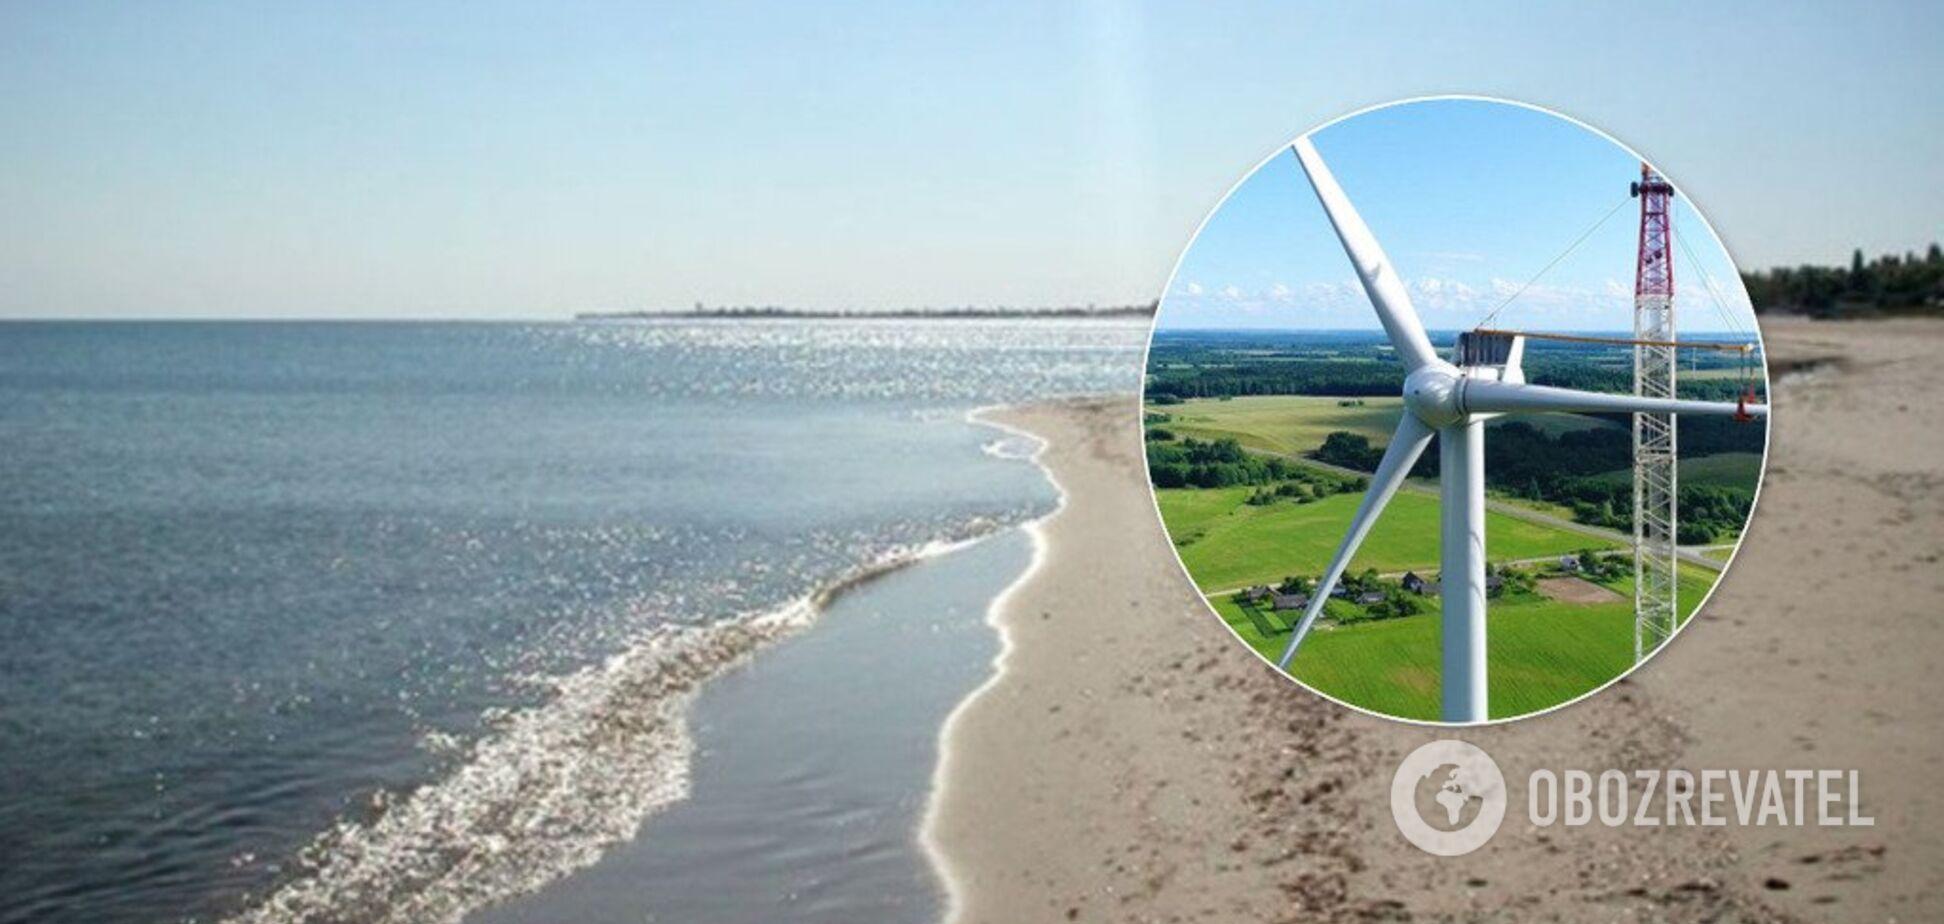 Новая ветроэлектростанция на юге Украины займет половину футбольного поля